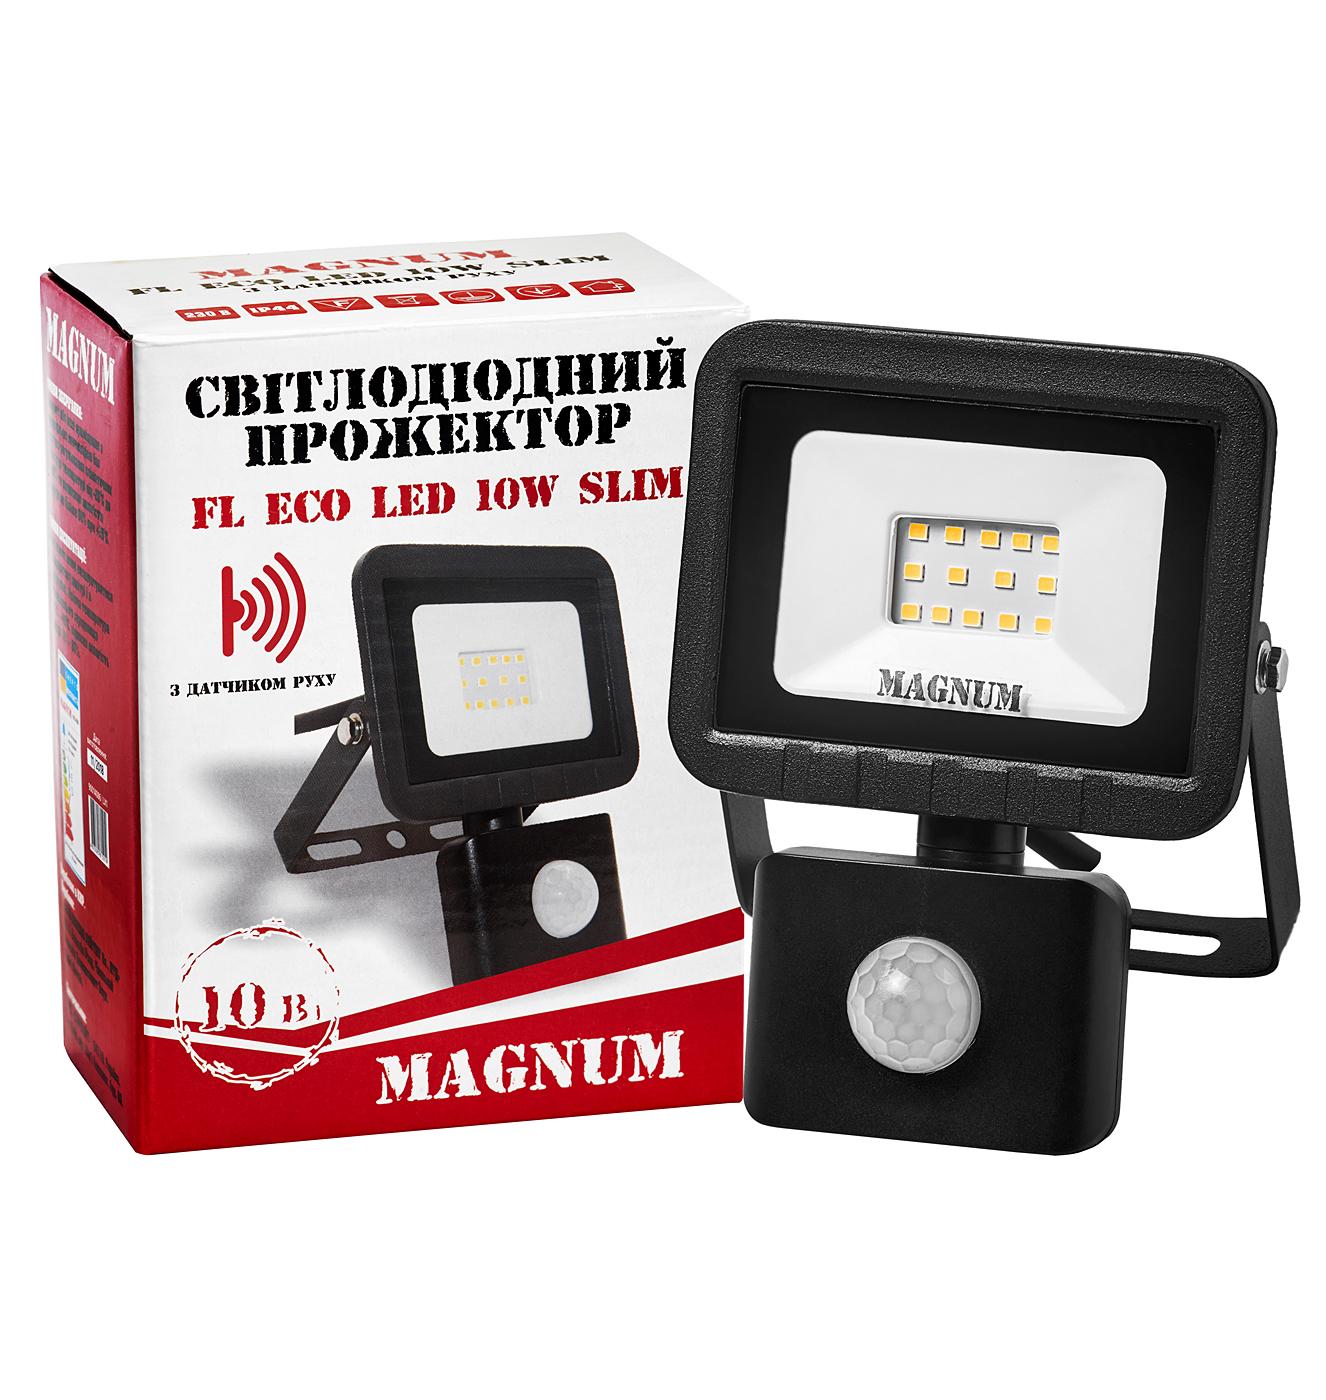 Прожектор світлодіодний MAGNUM FL ECO LED 10Вт slim 6500К IP44 з датч.руху